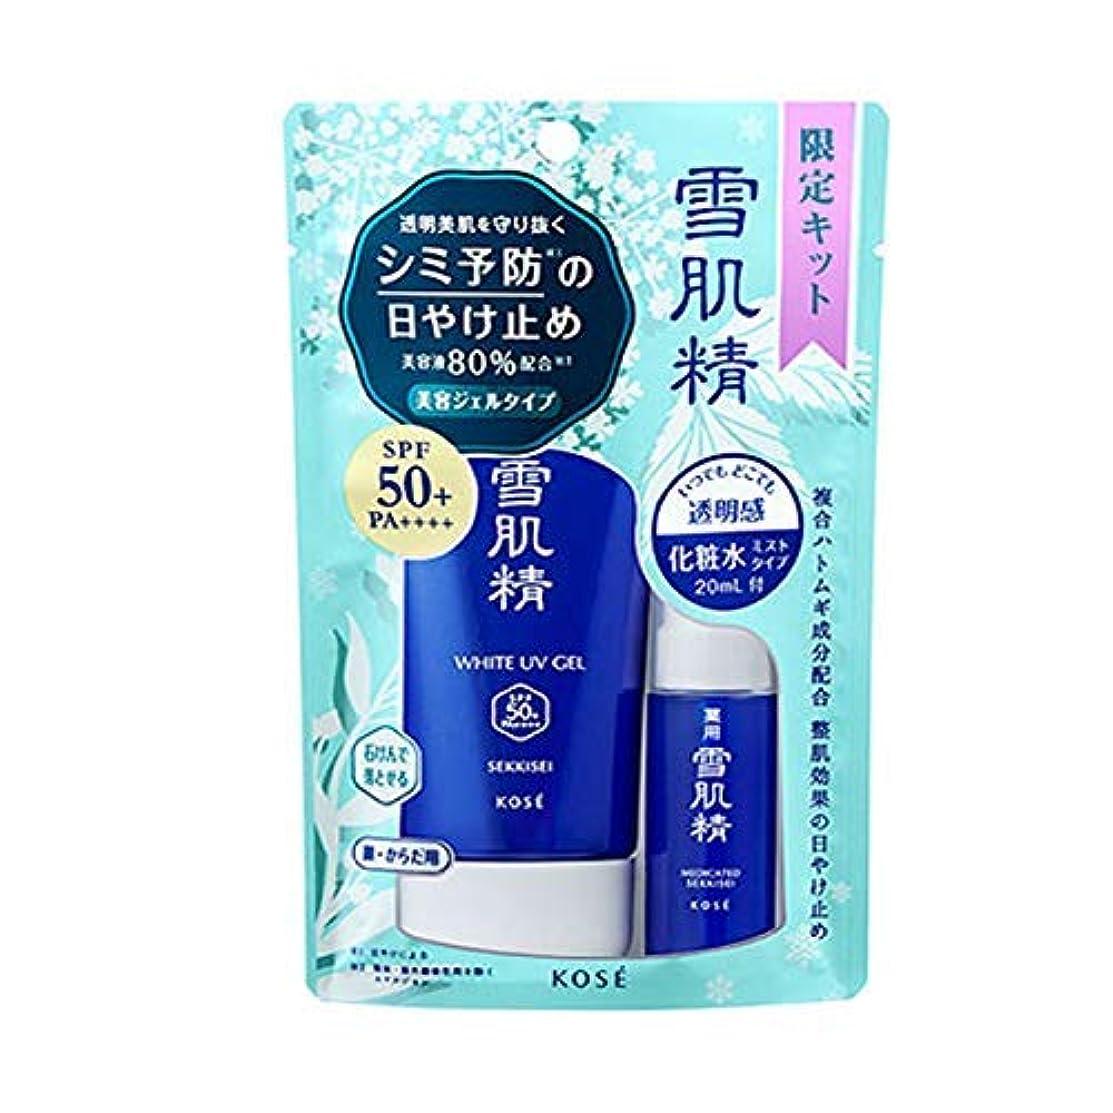 ネックレット発行フェリー☆限定品☆ コーセー KOSE 雪肌精 ホワイト UV ジェル キット